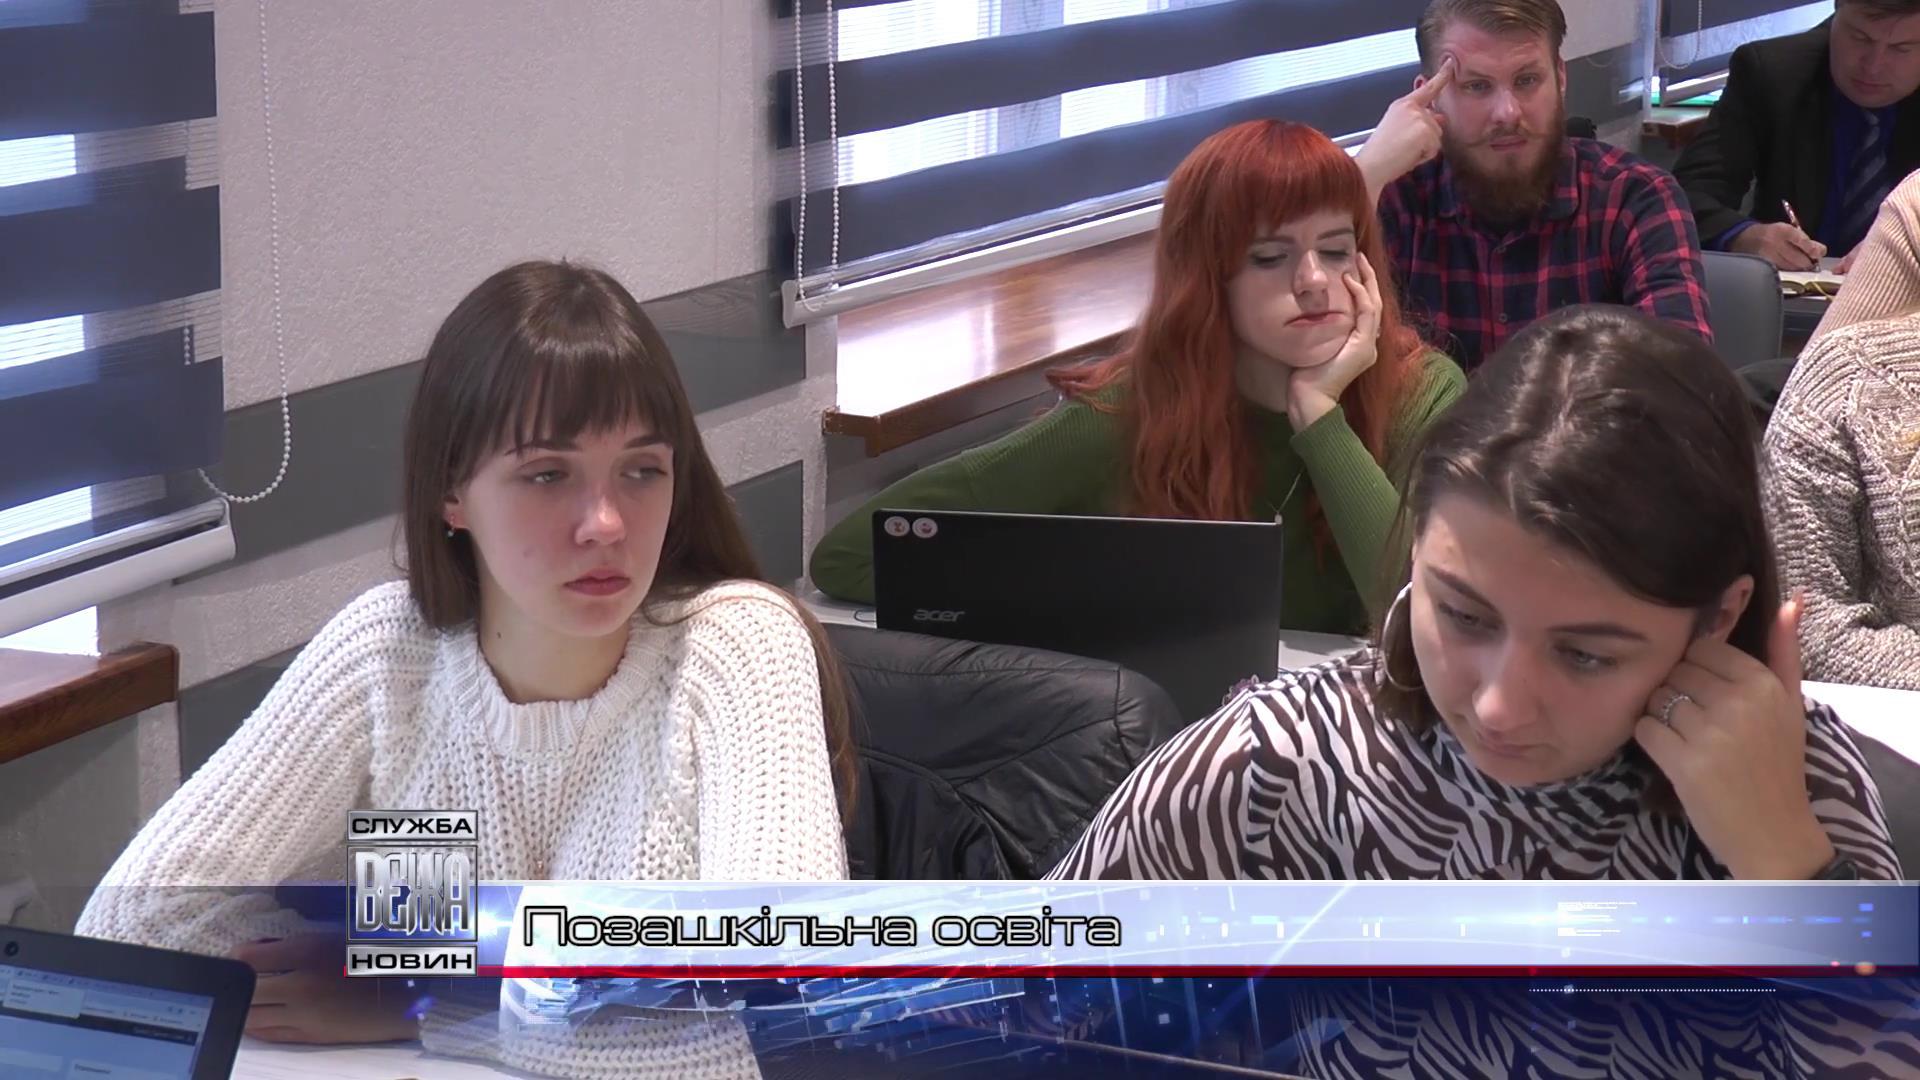 В Івано-Франківську влада сприяє розвиткові позашкільної освіти[18-22-08]